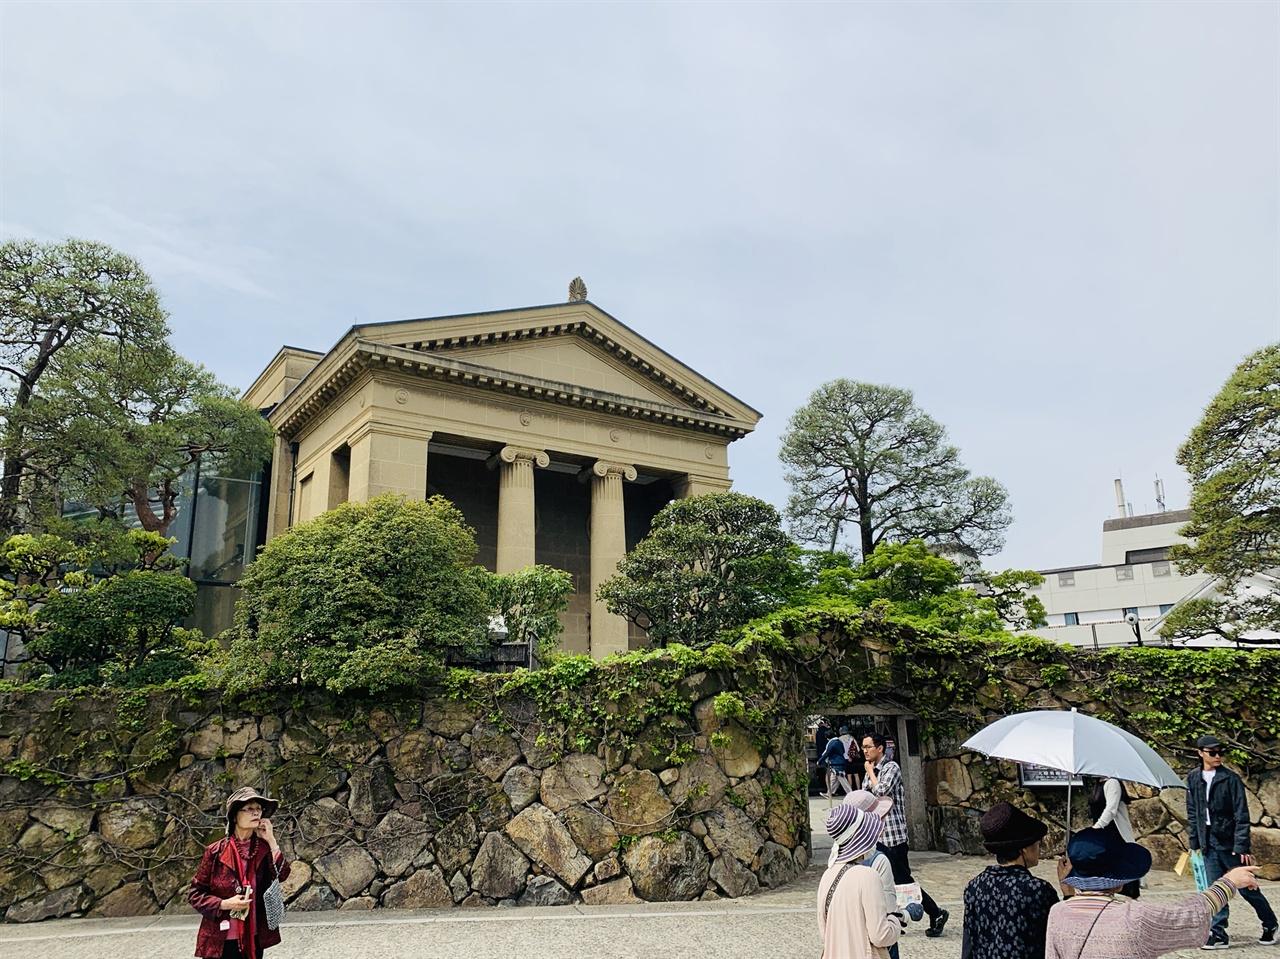 오하라 미술관의 모습